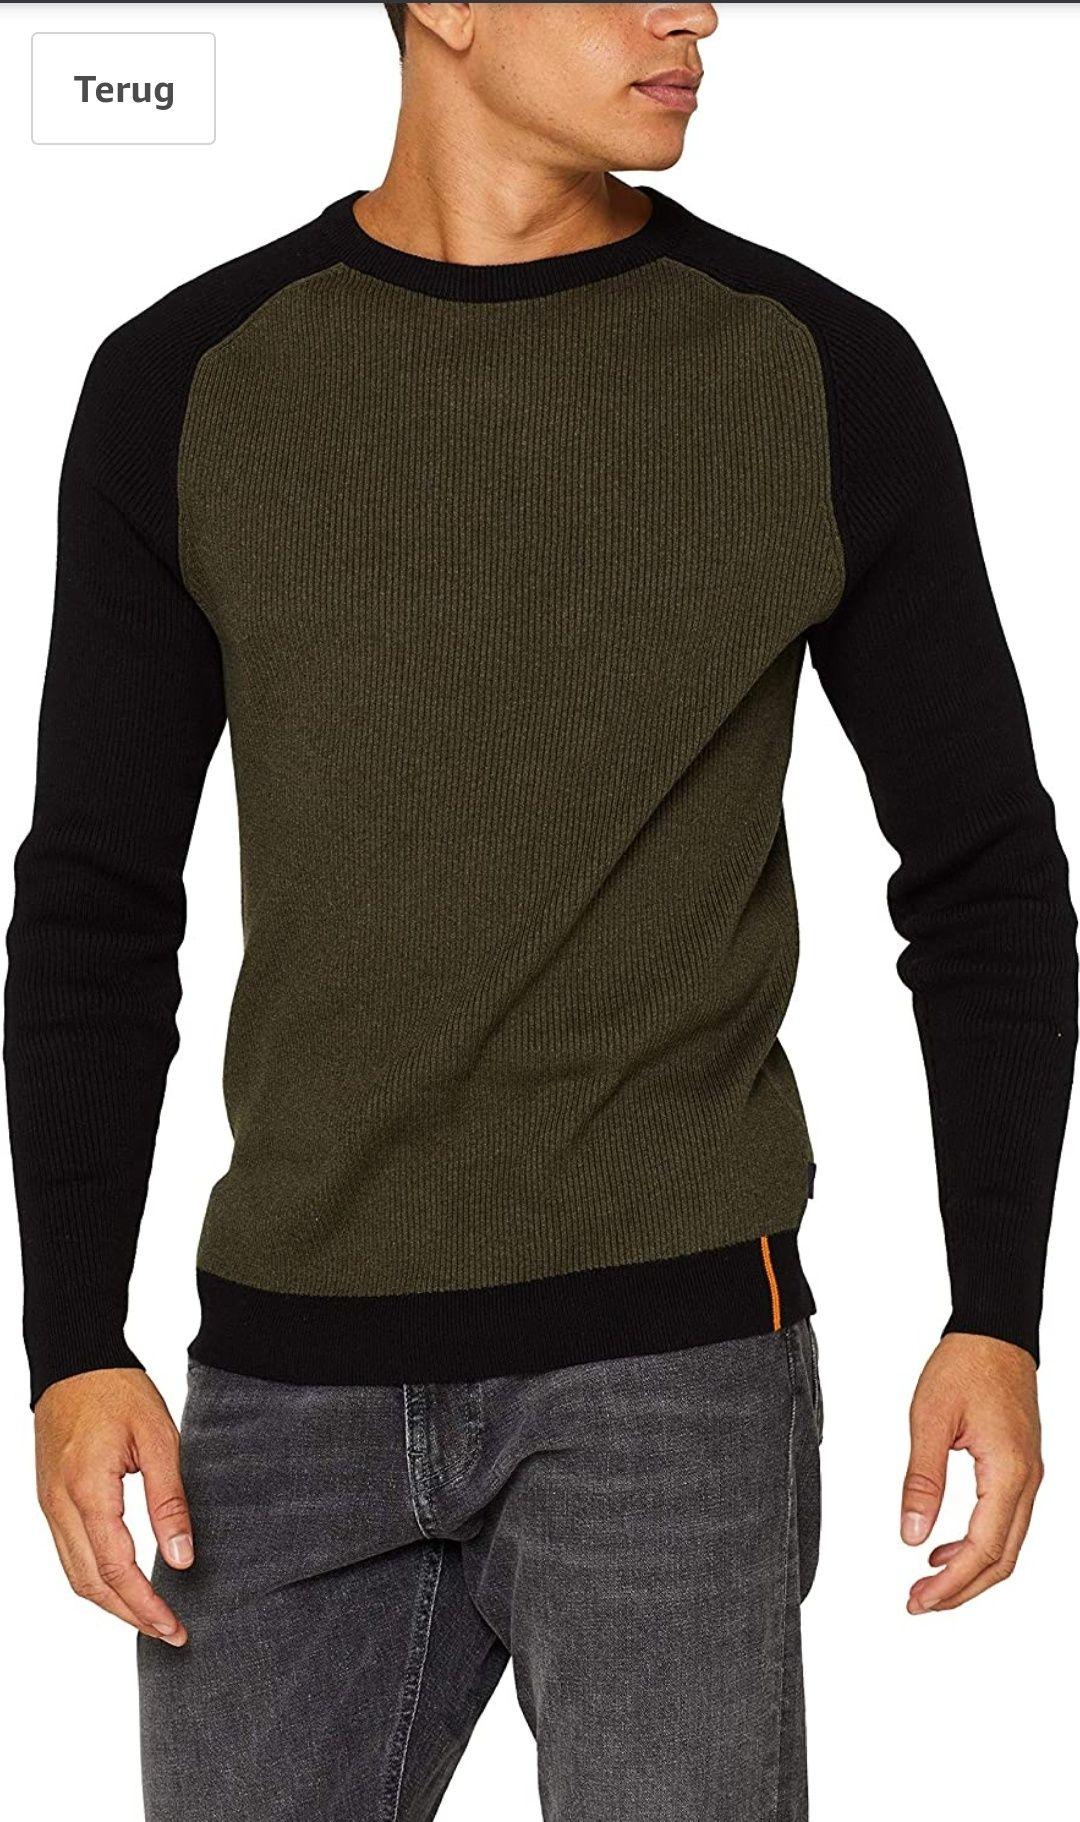 Esprit heren trui/pullover khaki green @ amazon.nl